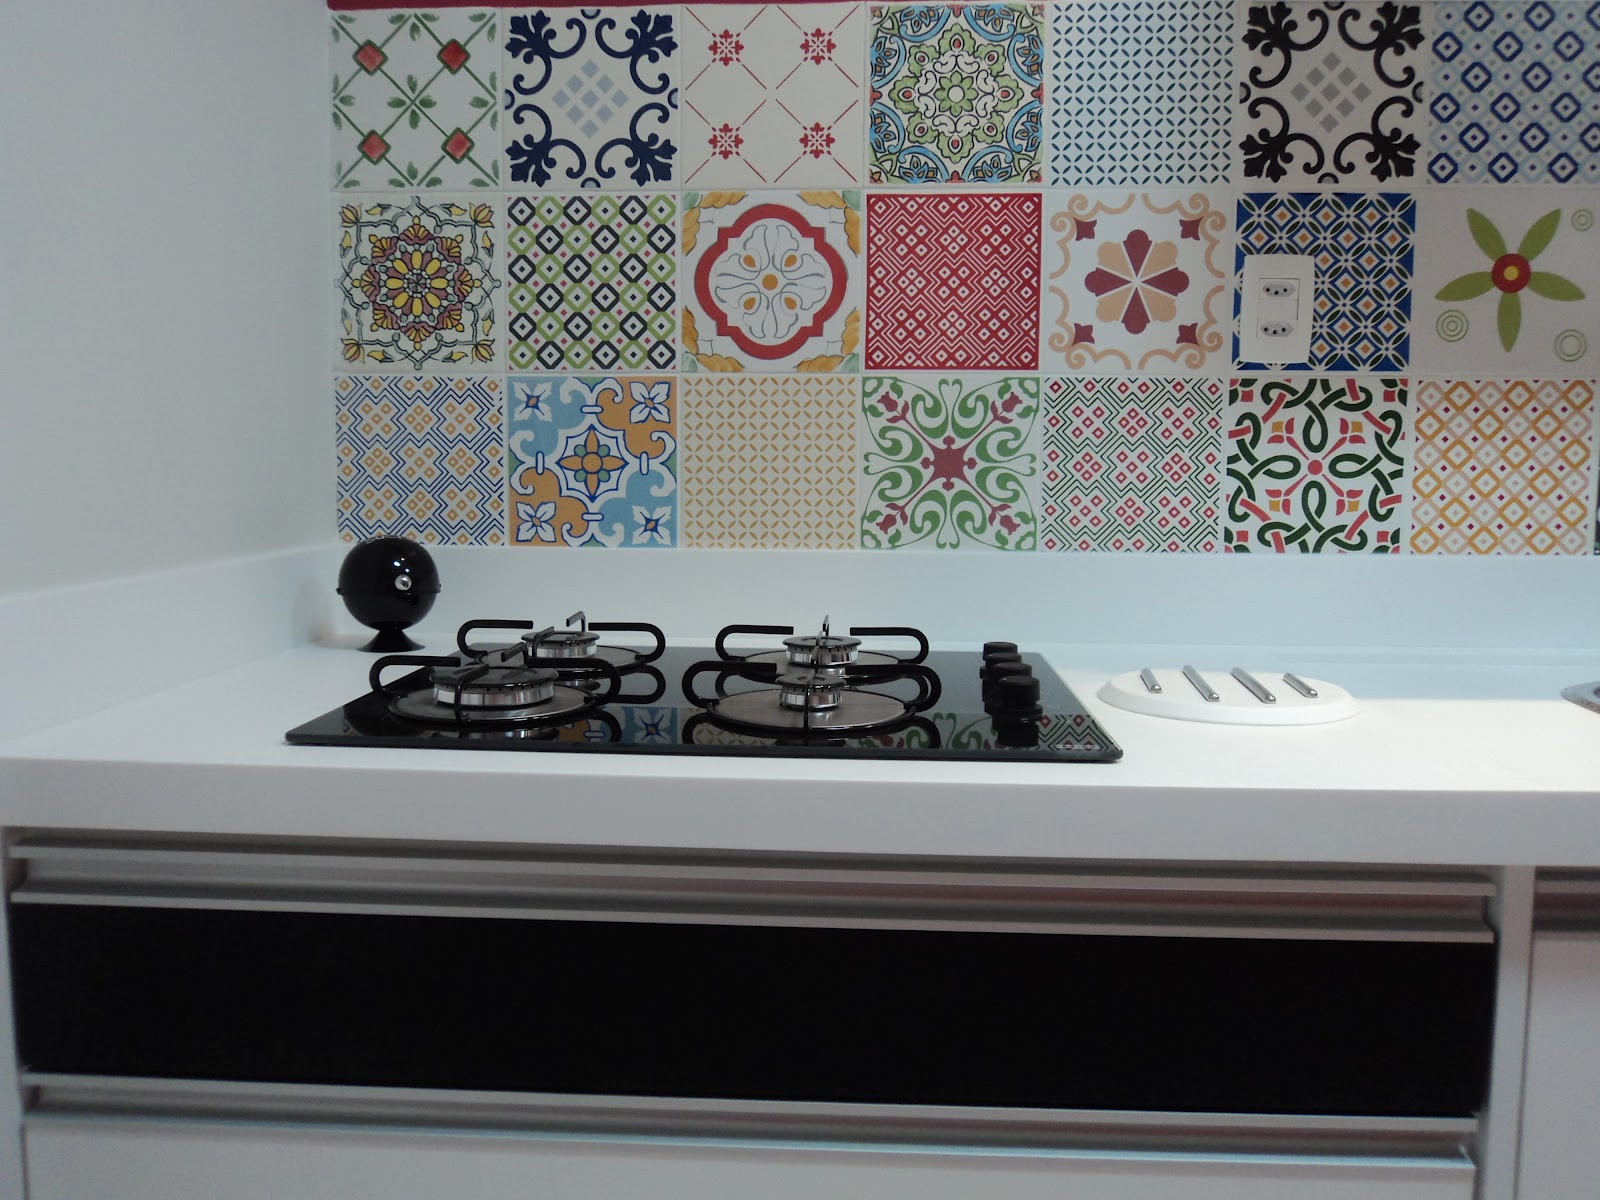 em Corian com cooktop e painel em azulejos estampados Patchwork #714043 1600x1200 Banheiro Com Azulejo Patchwork